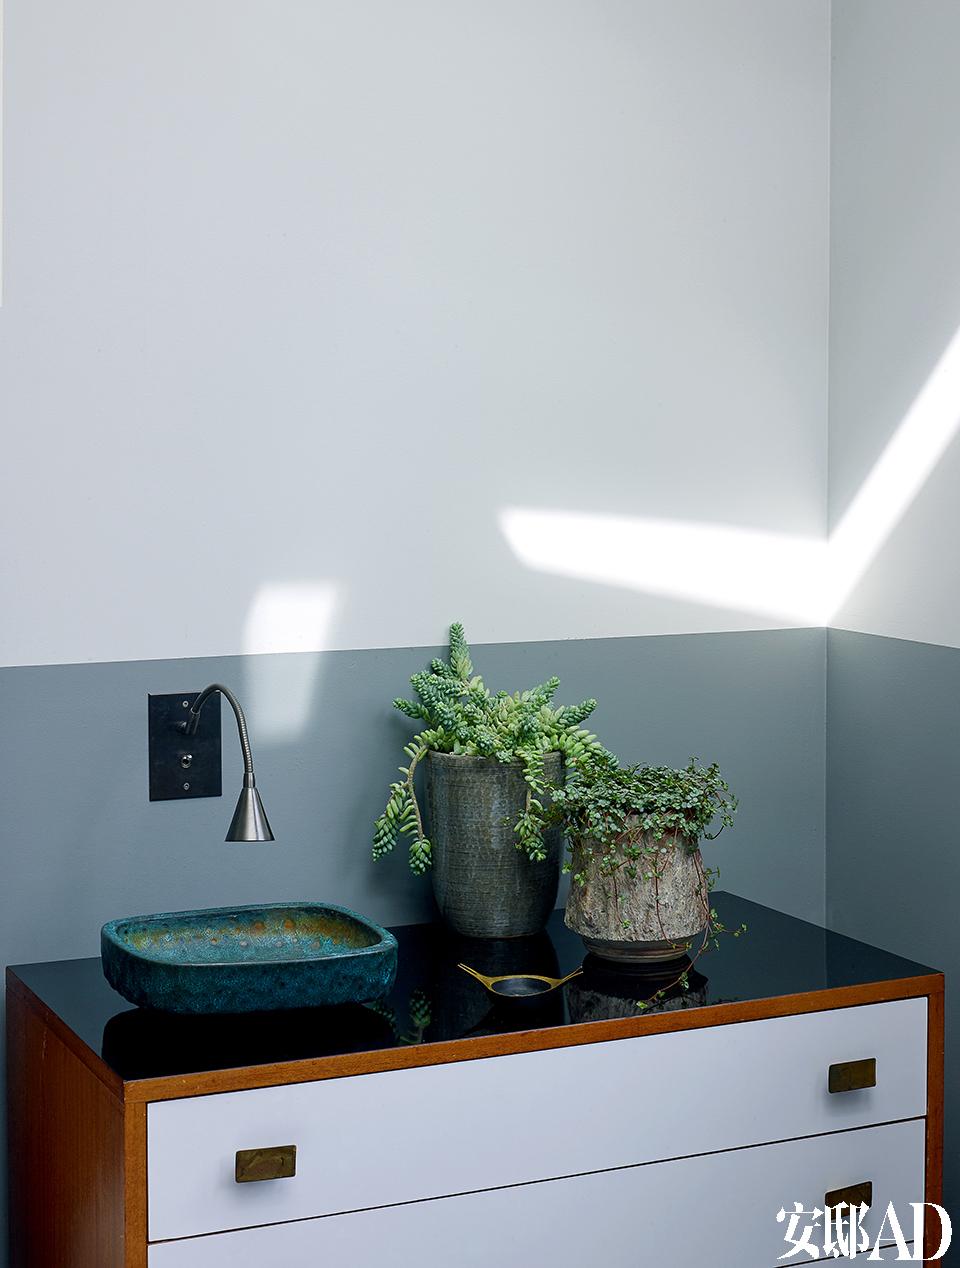 床头抽屉柜上的铜绿储物小缸是以现代风格著称的奥地利设计师、画家Carl Aubock的作品。墙上的小壁灯由业界公认的全球最 美铜开关板制造商、法国品牌Meljac出品。